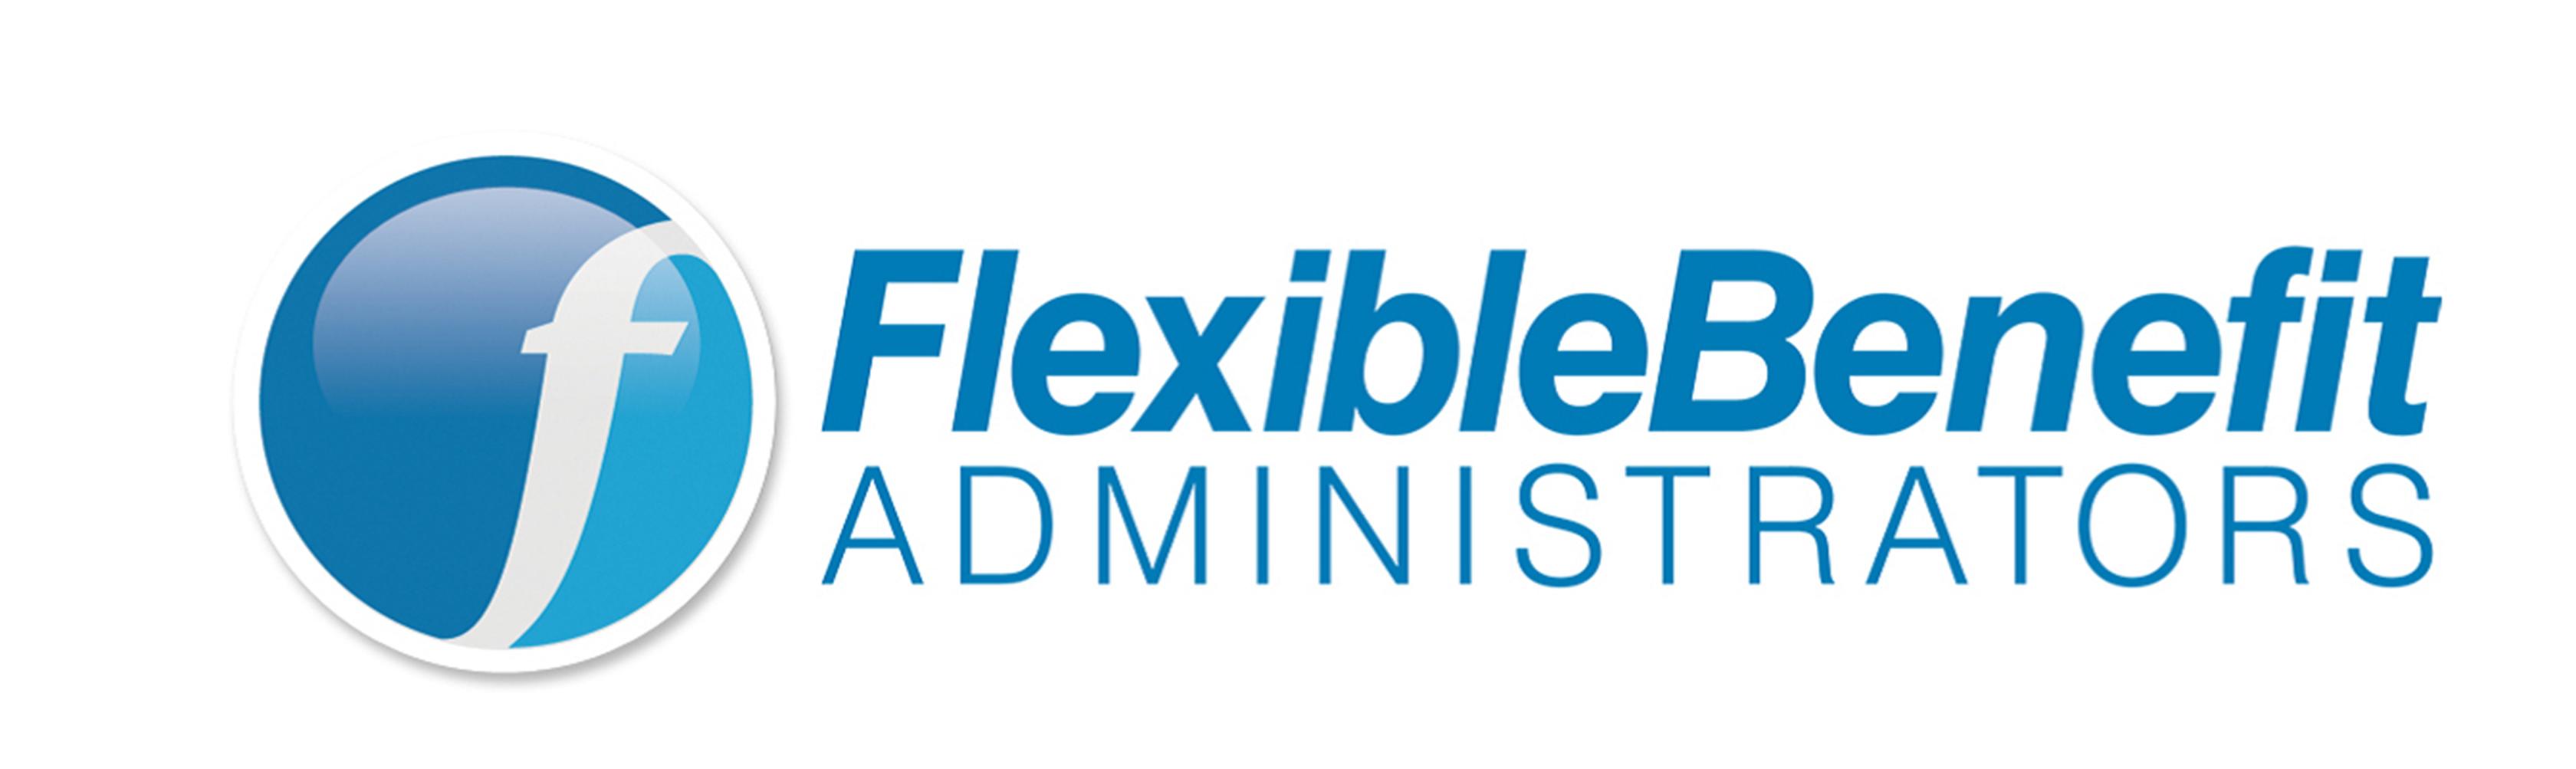 Flexible Benefit Administrators, Inc.